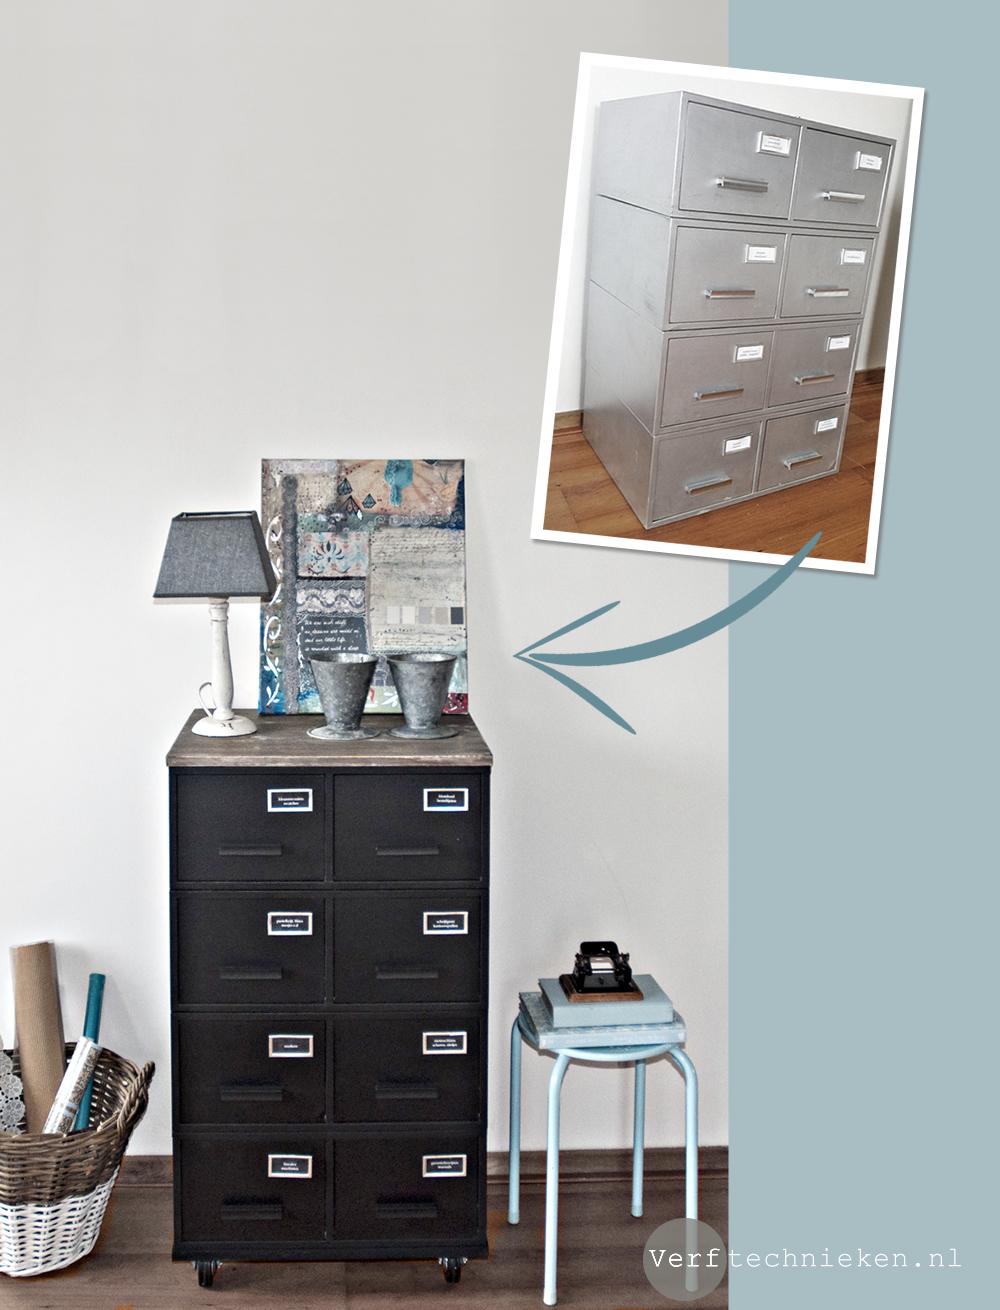 New DIY Industrieel archiefkastje pimpen | Verftechnieken &TO87